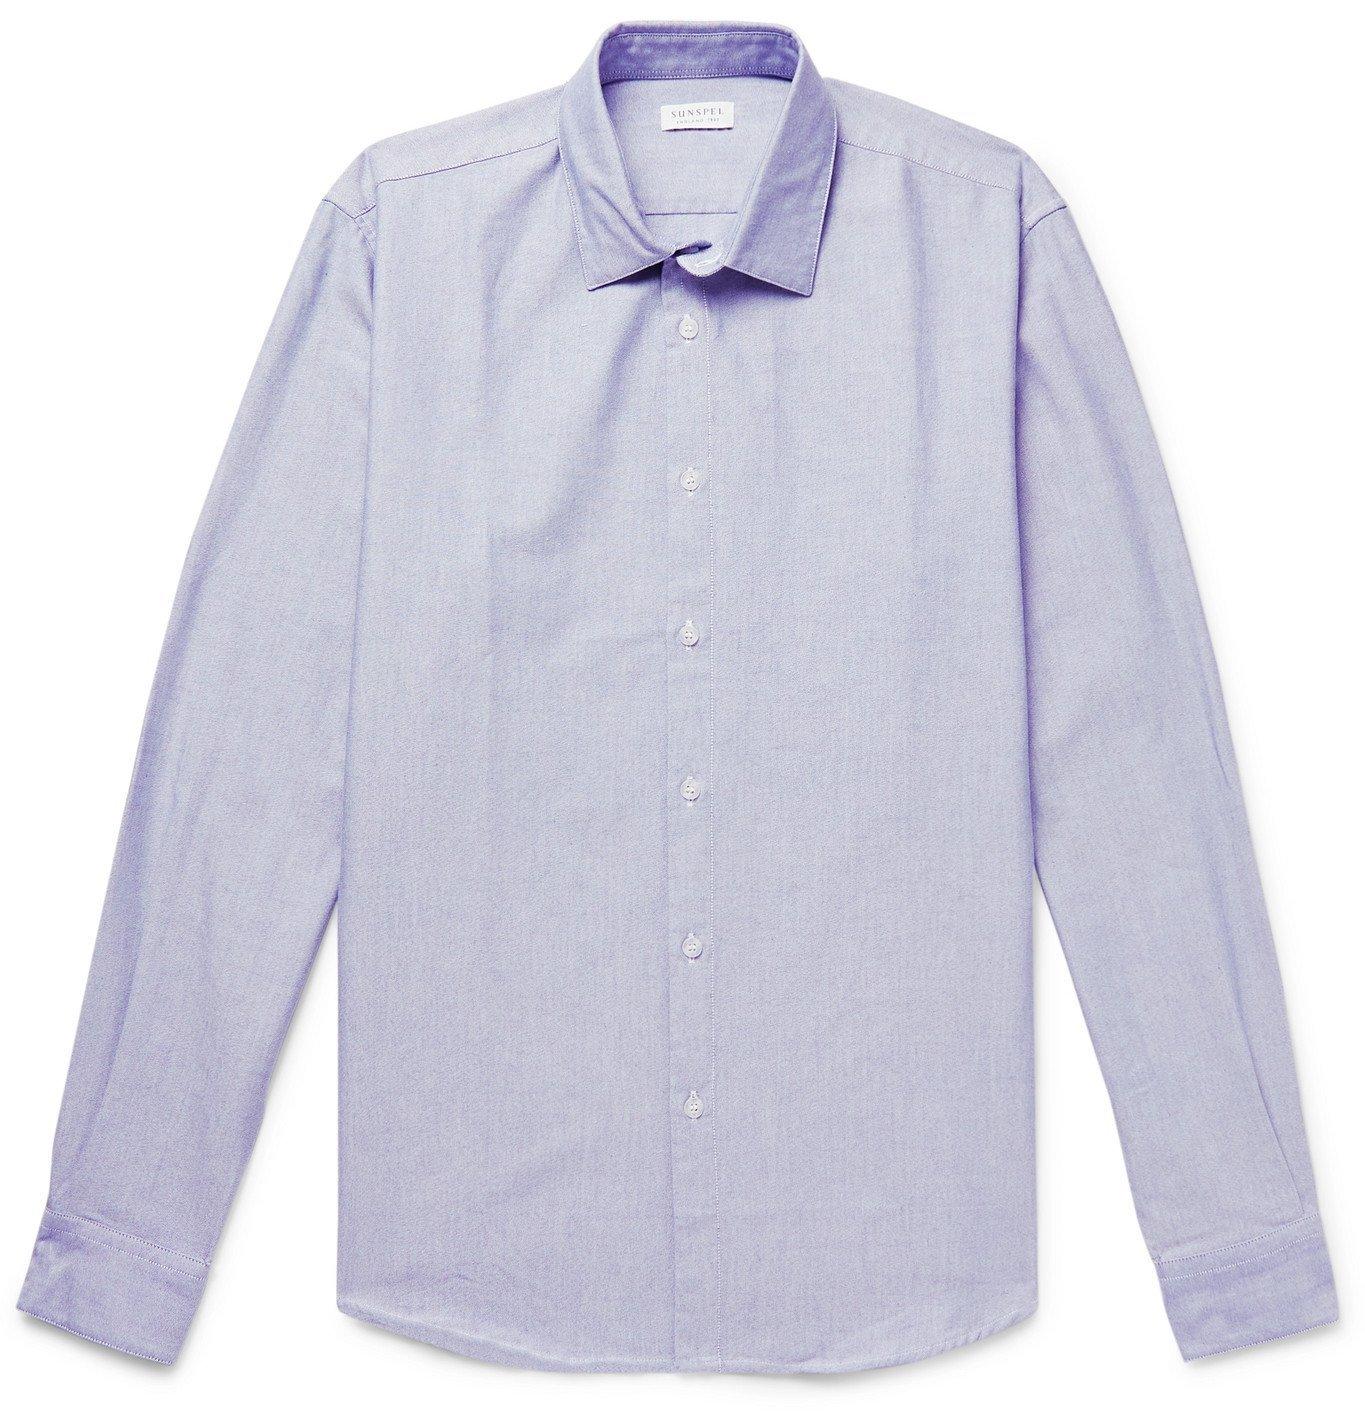 SUNSPEL - Cotton Oxford Shirt - Blue